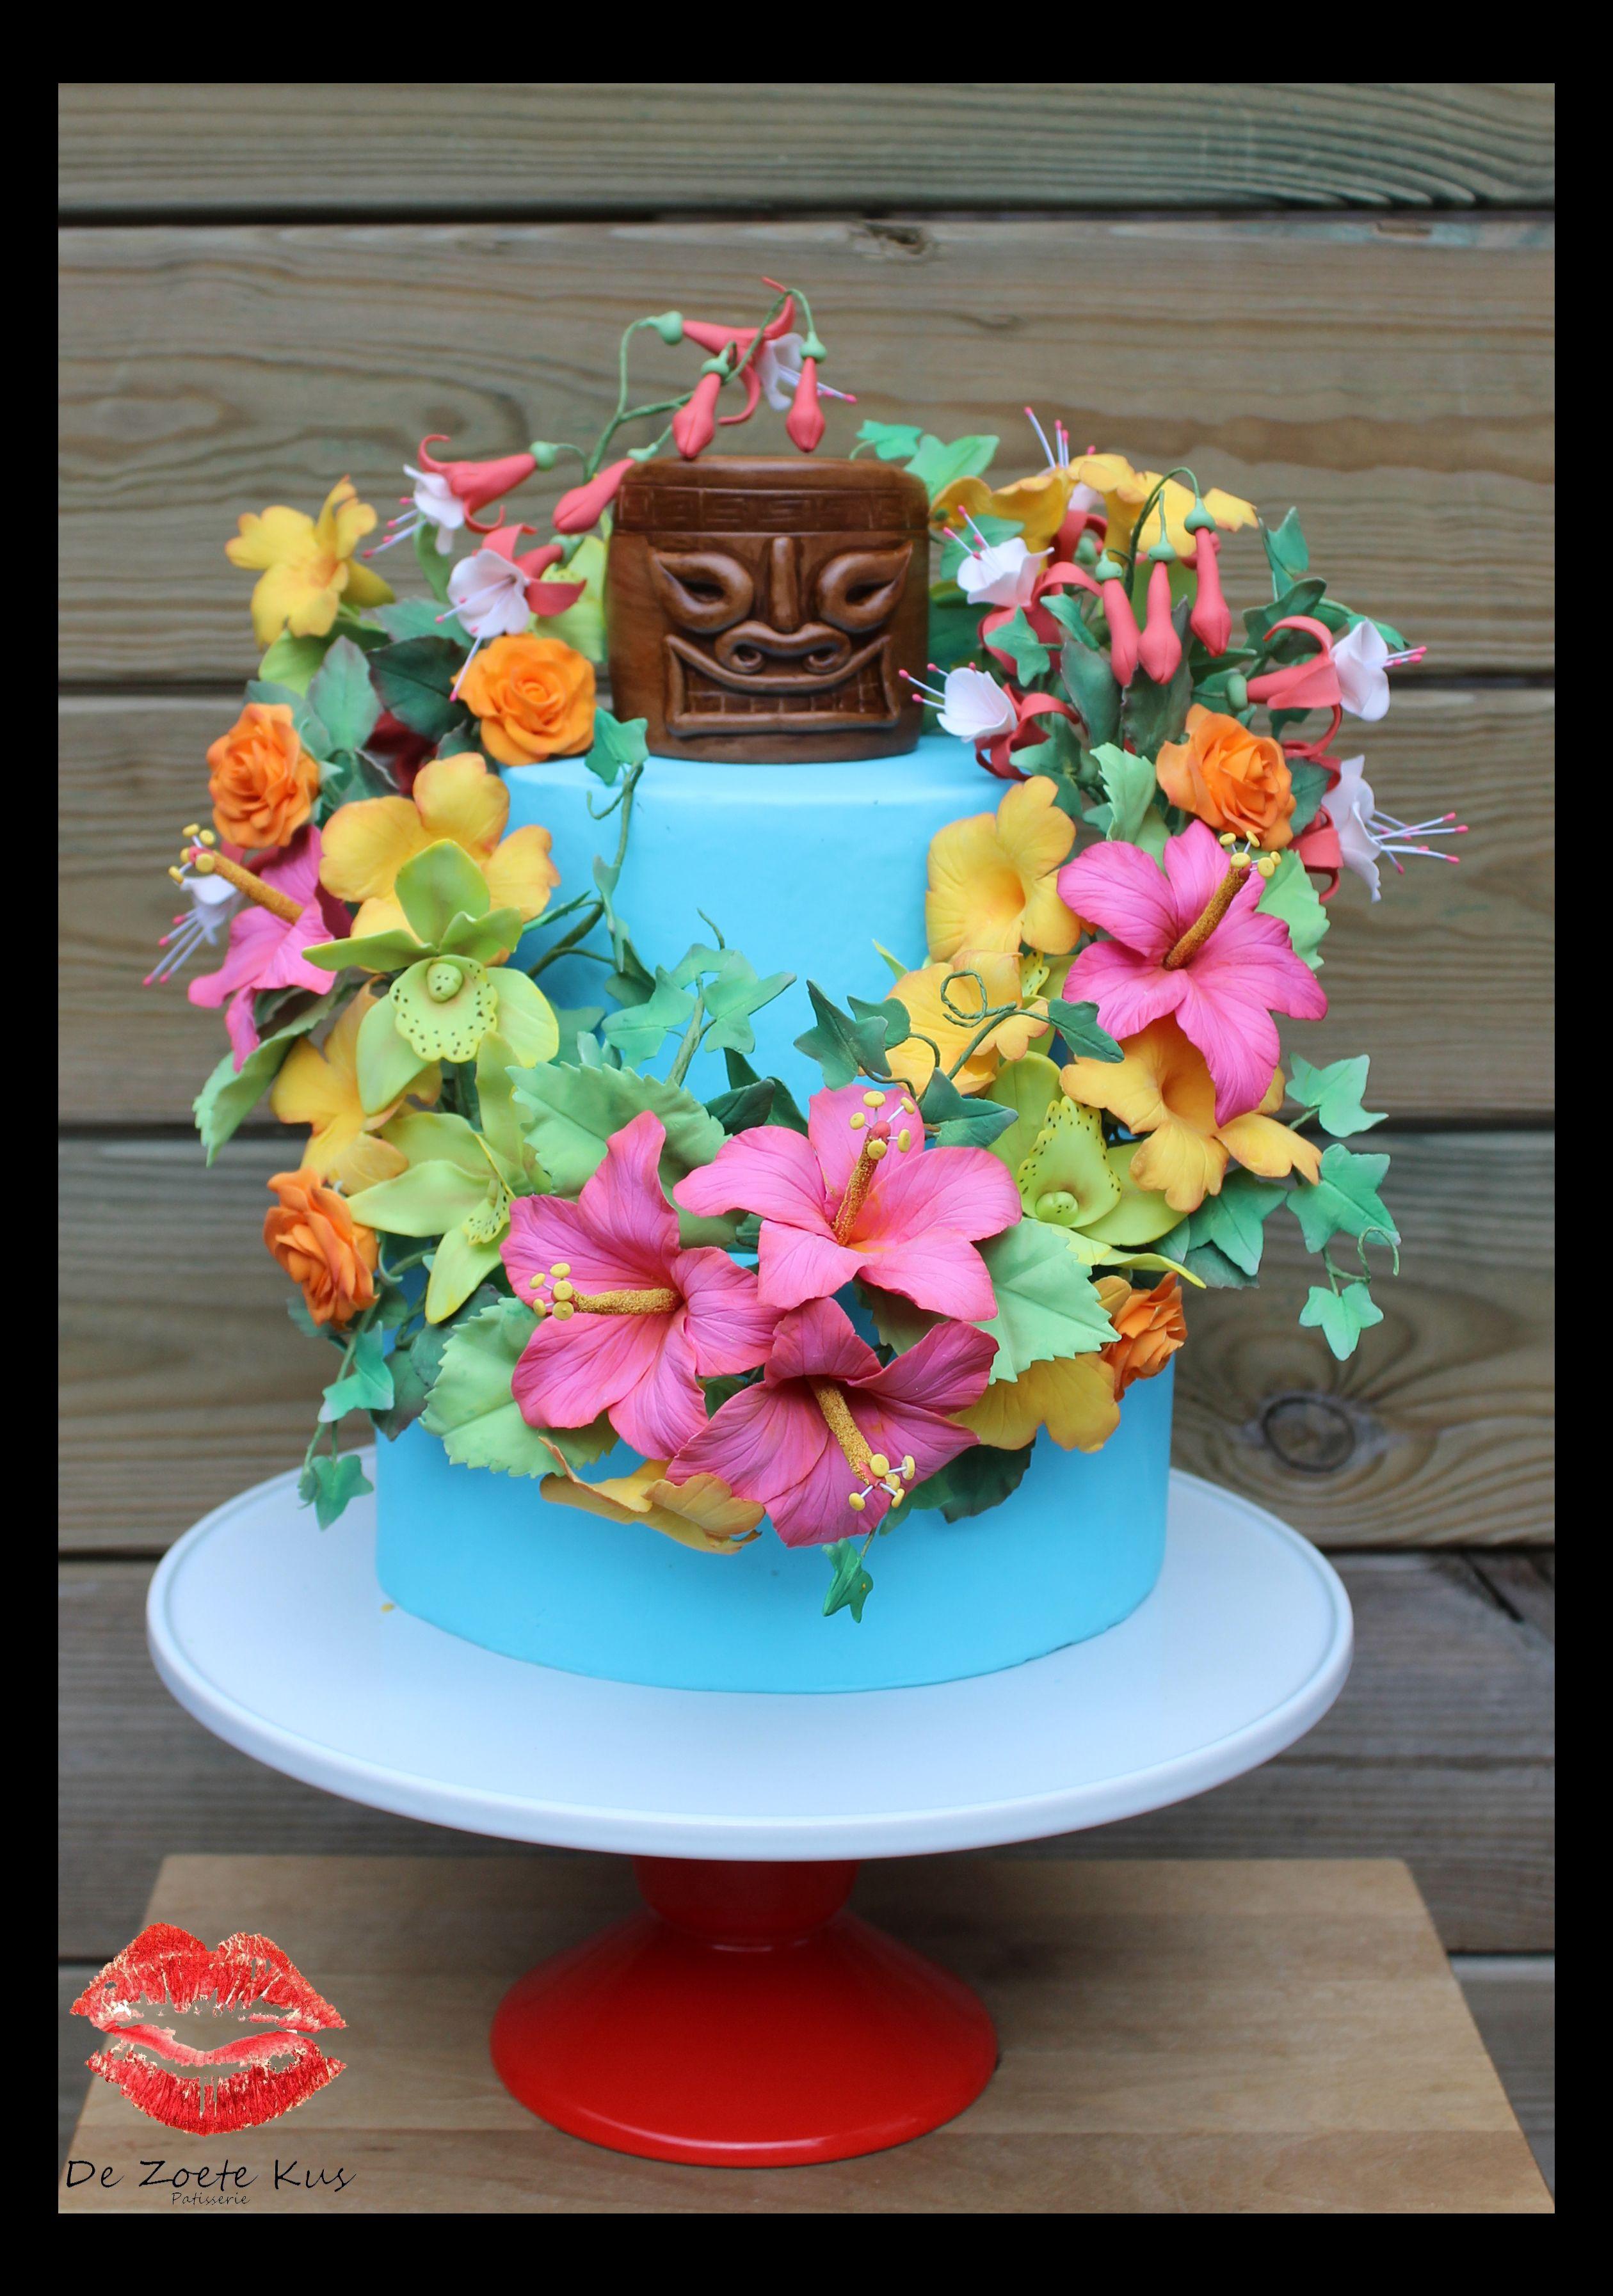 My exam cake for pme sugar flowers course hawaiian styl hibiscus my exam cake for pme sugar flowers course hawaiian styl hibiscus pink orchid green hawaiian flower yellow rose orange fuchsia redwhite izmirmasajfo